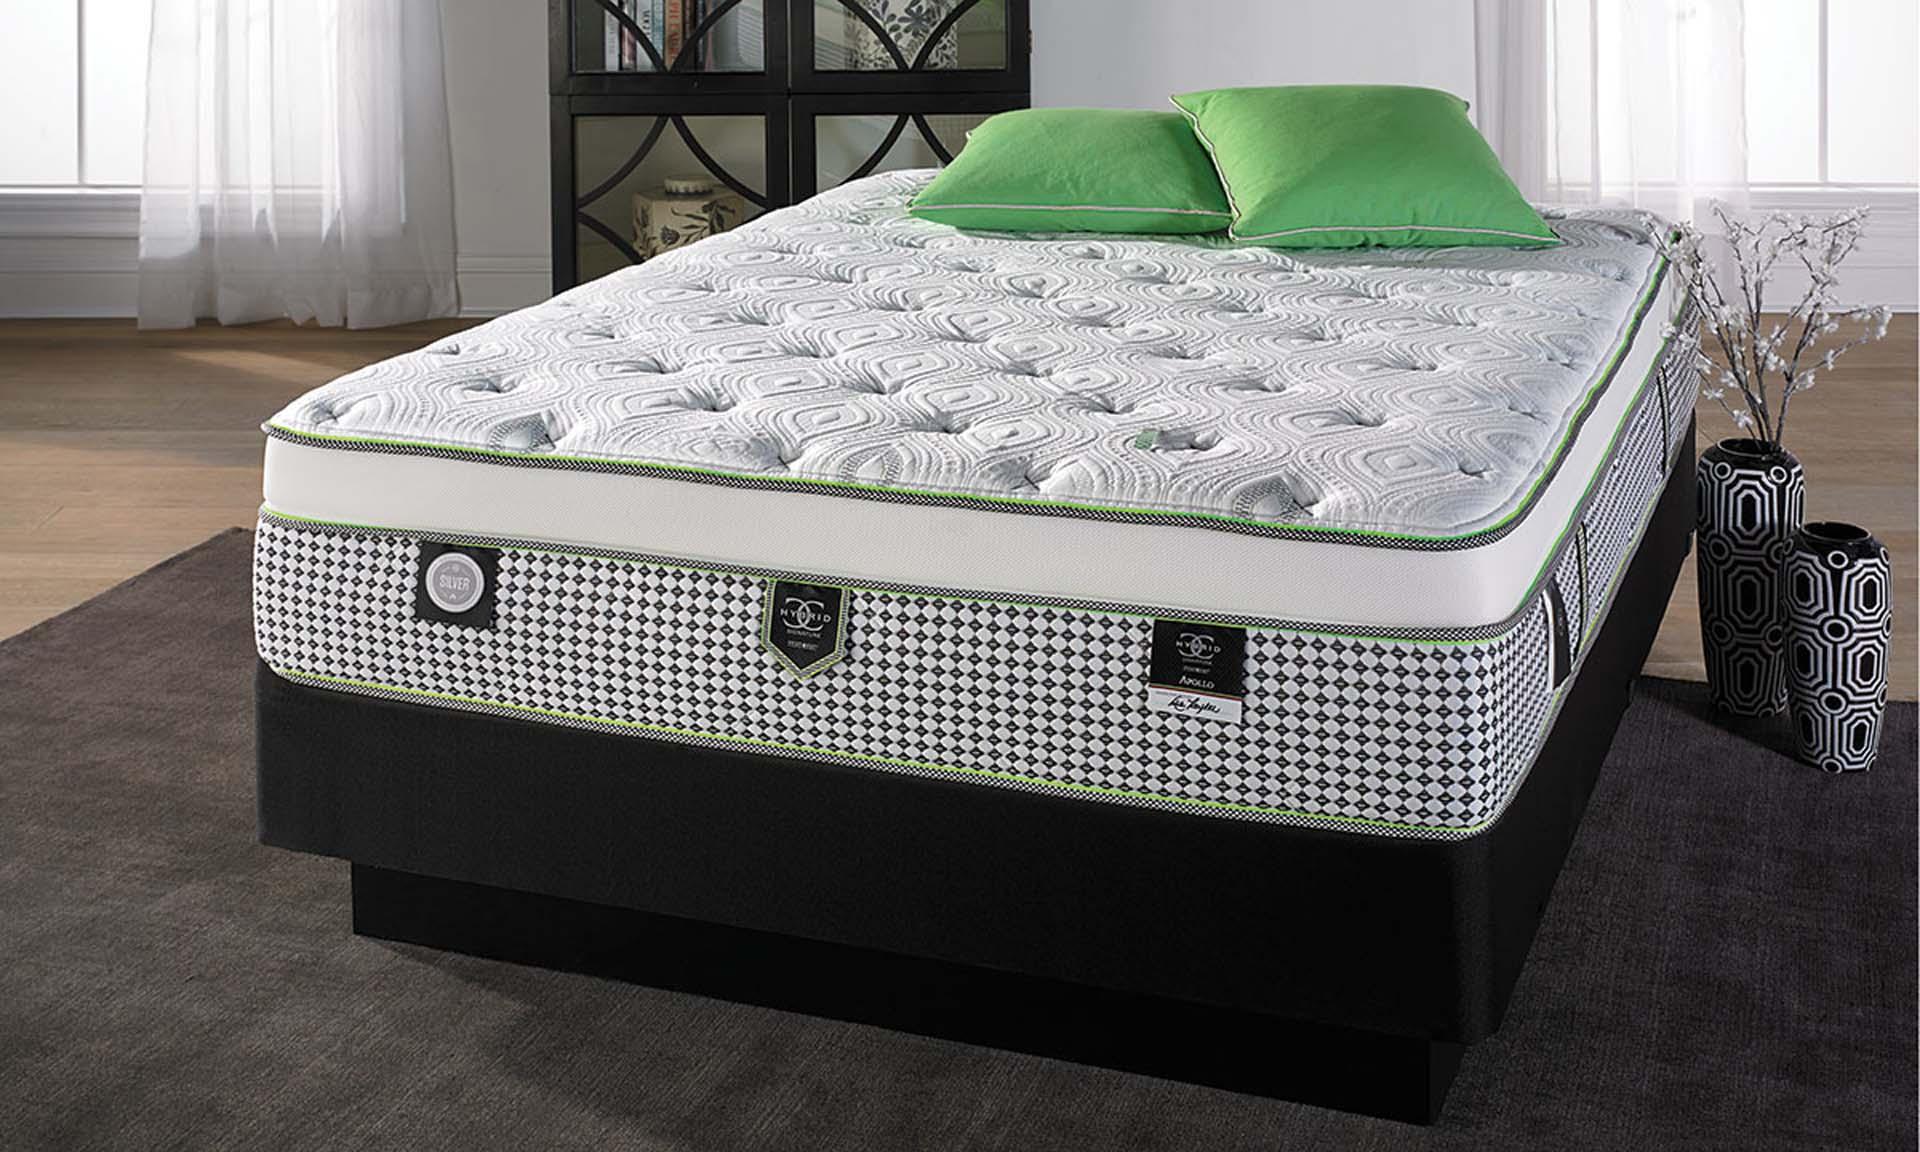 queen mattress Australia